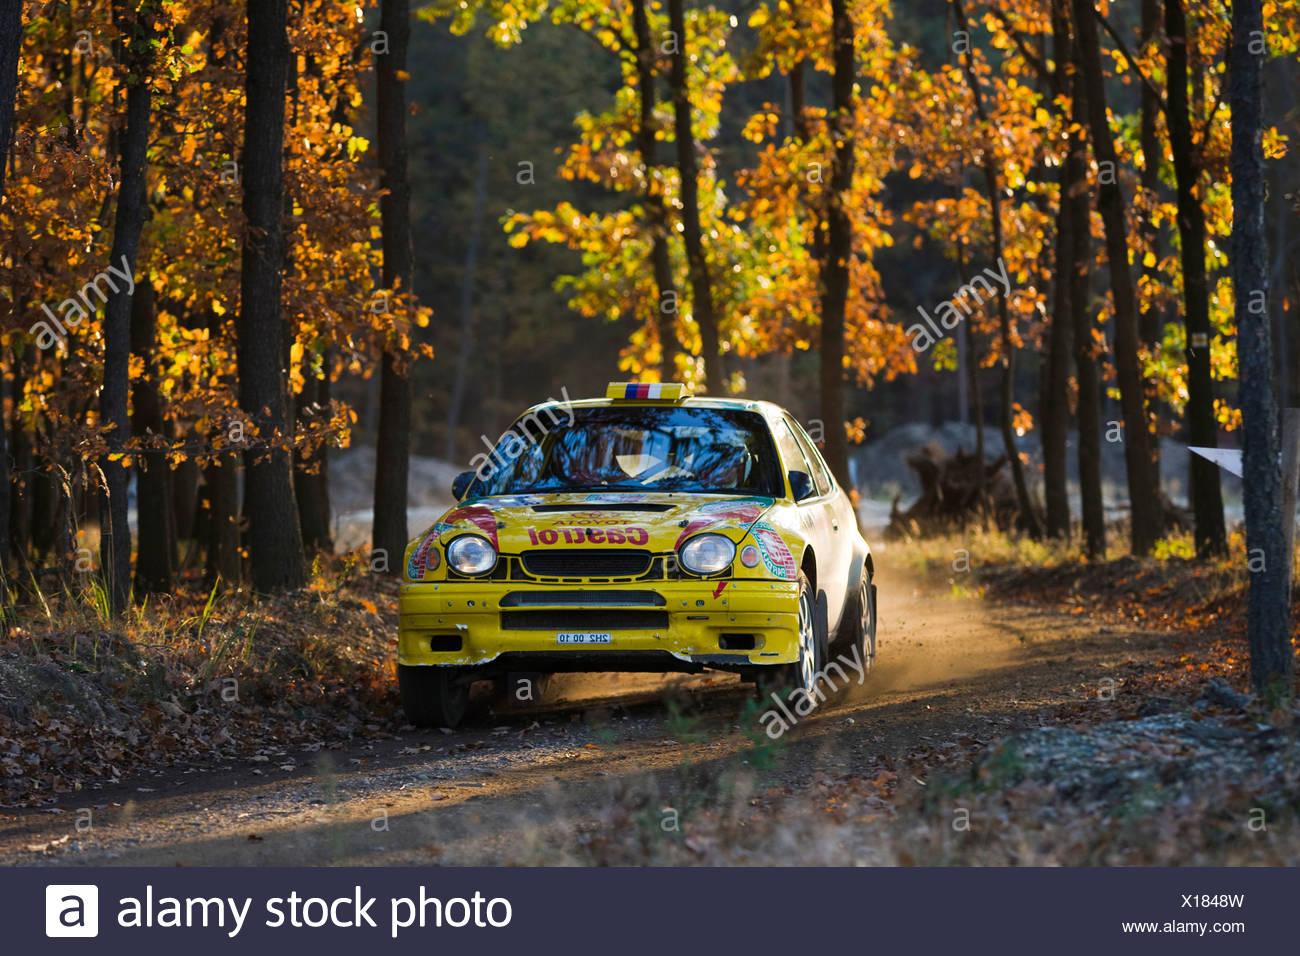 Toyota Corolla wrc, Lausitz Rallye, Motorsport, Sachsen, Deutschland, Europa Stockbild